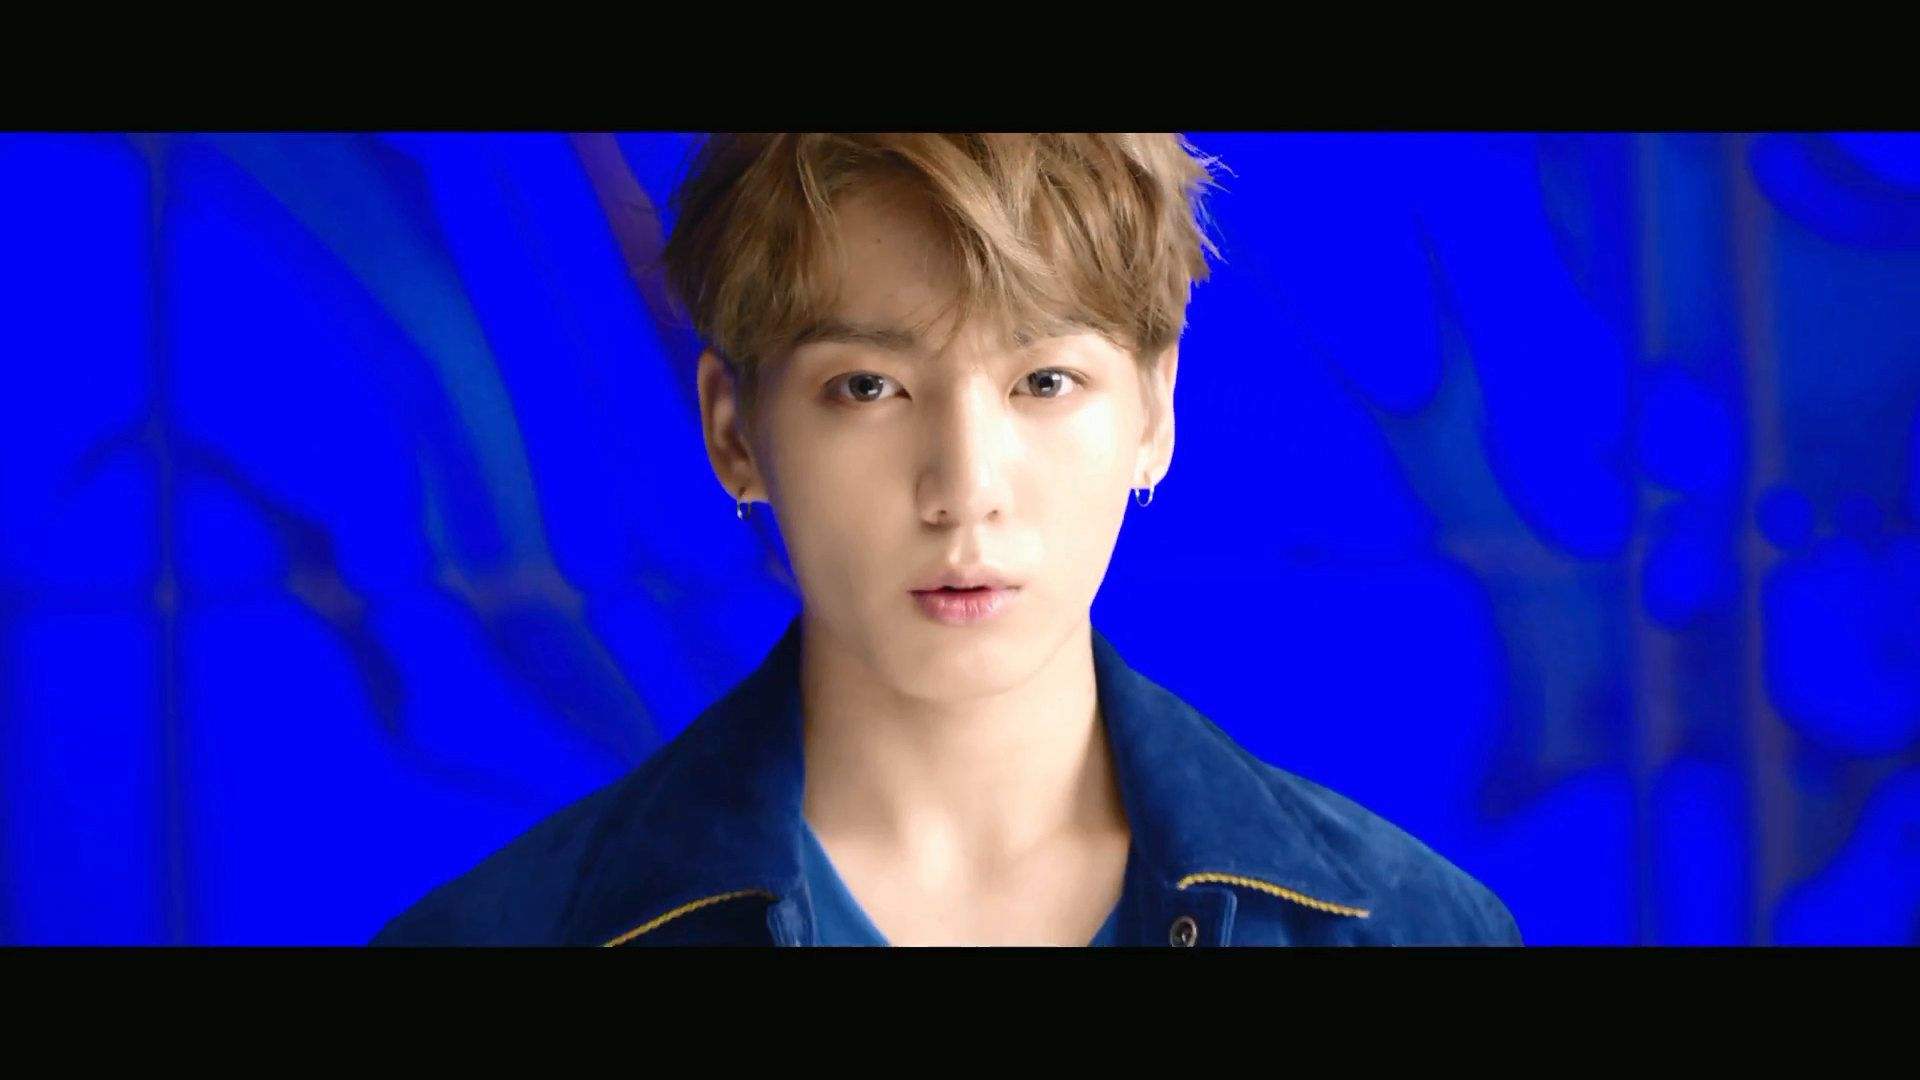 Jung Kook BTS DNA Wallpapers - Top Free Jung Kook BTS DNA